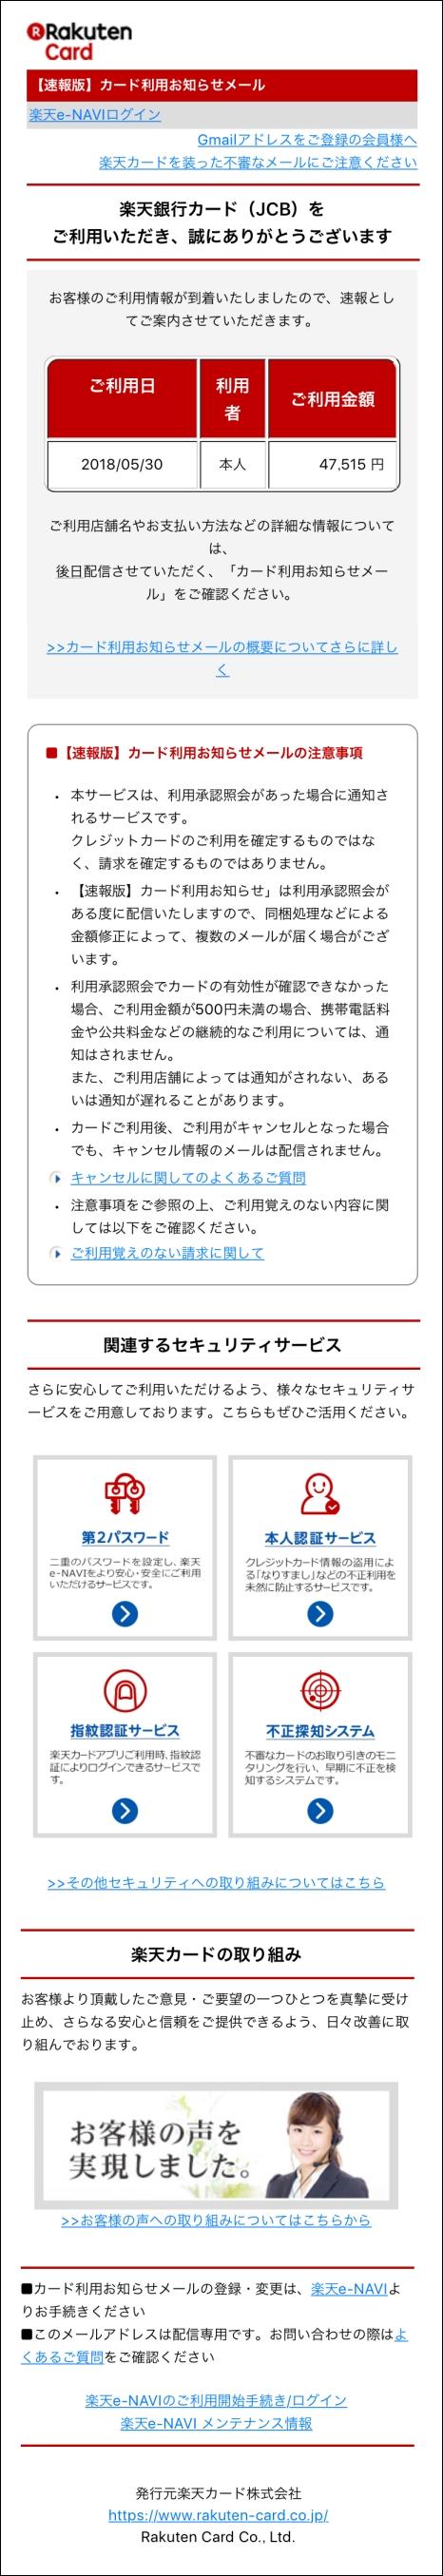 【速報版】カード利用のお知らせ(本人ご利用分)を装う詐欺メール